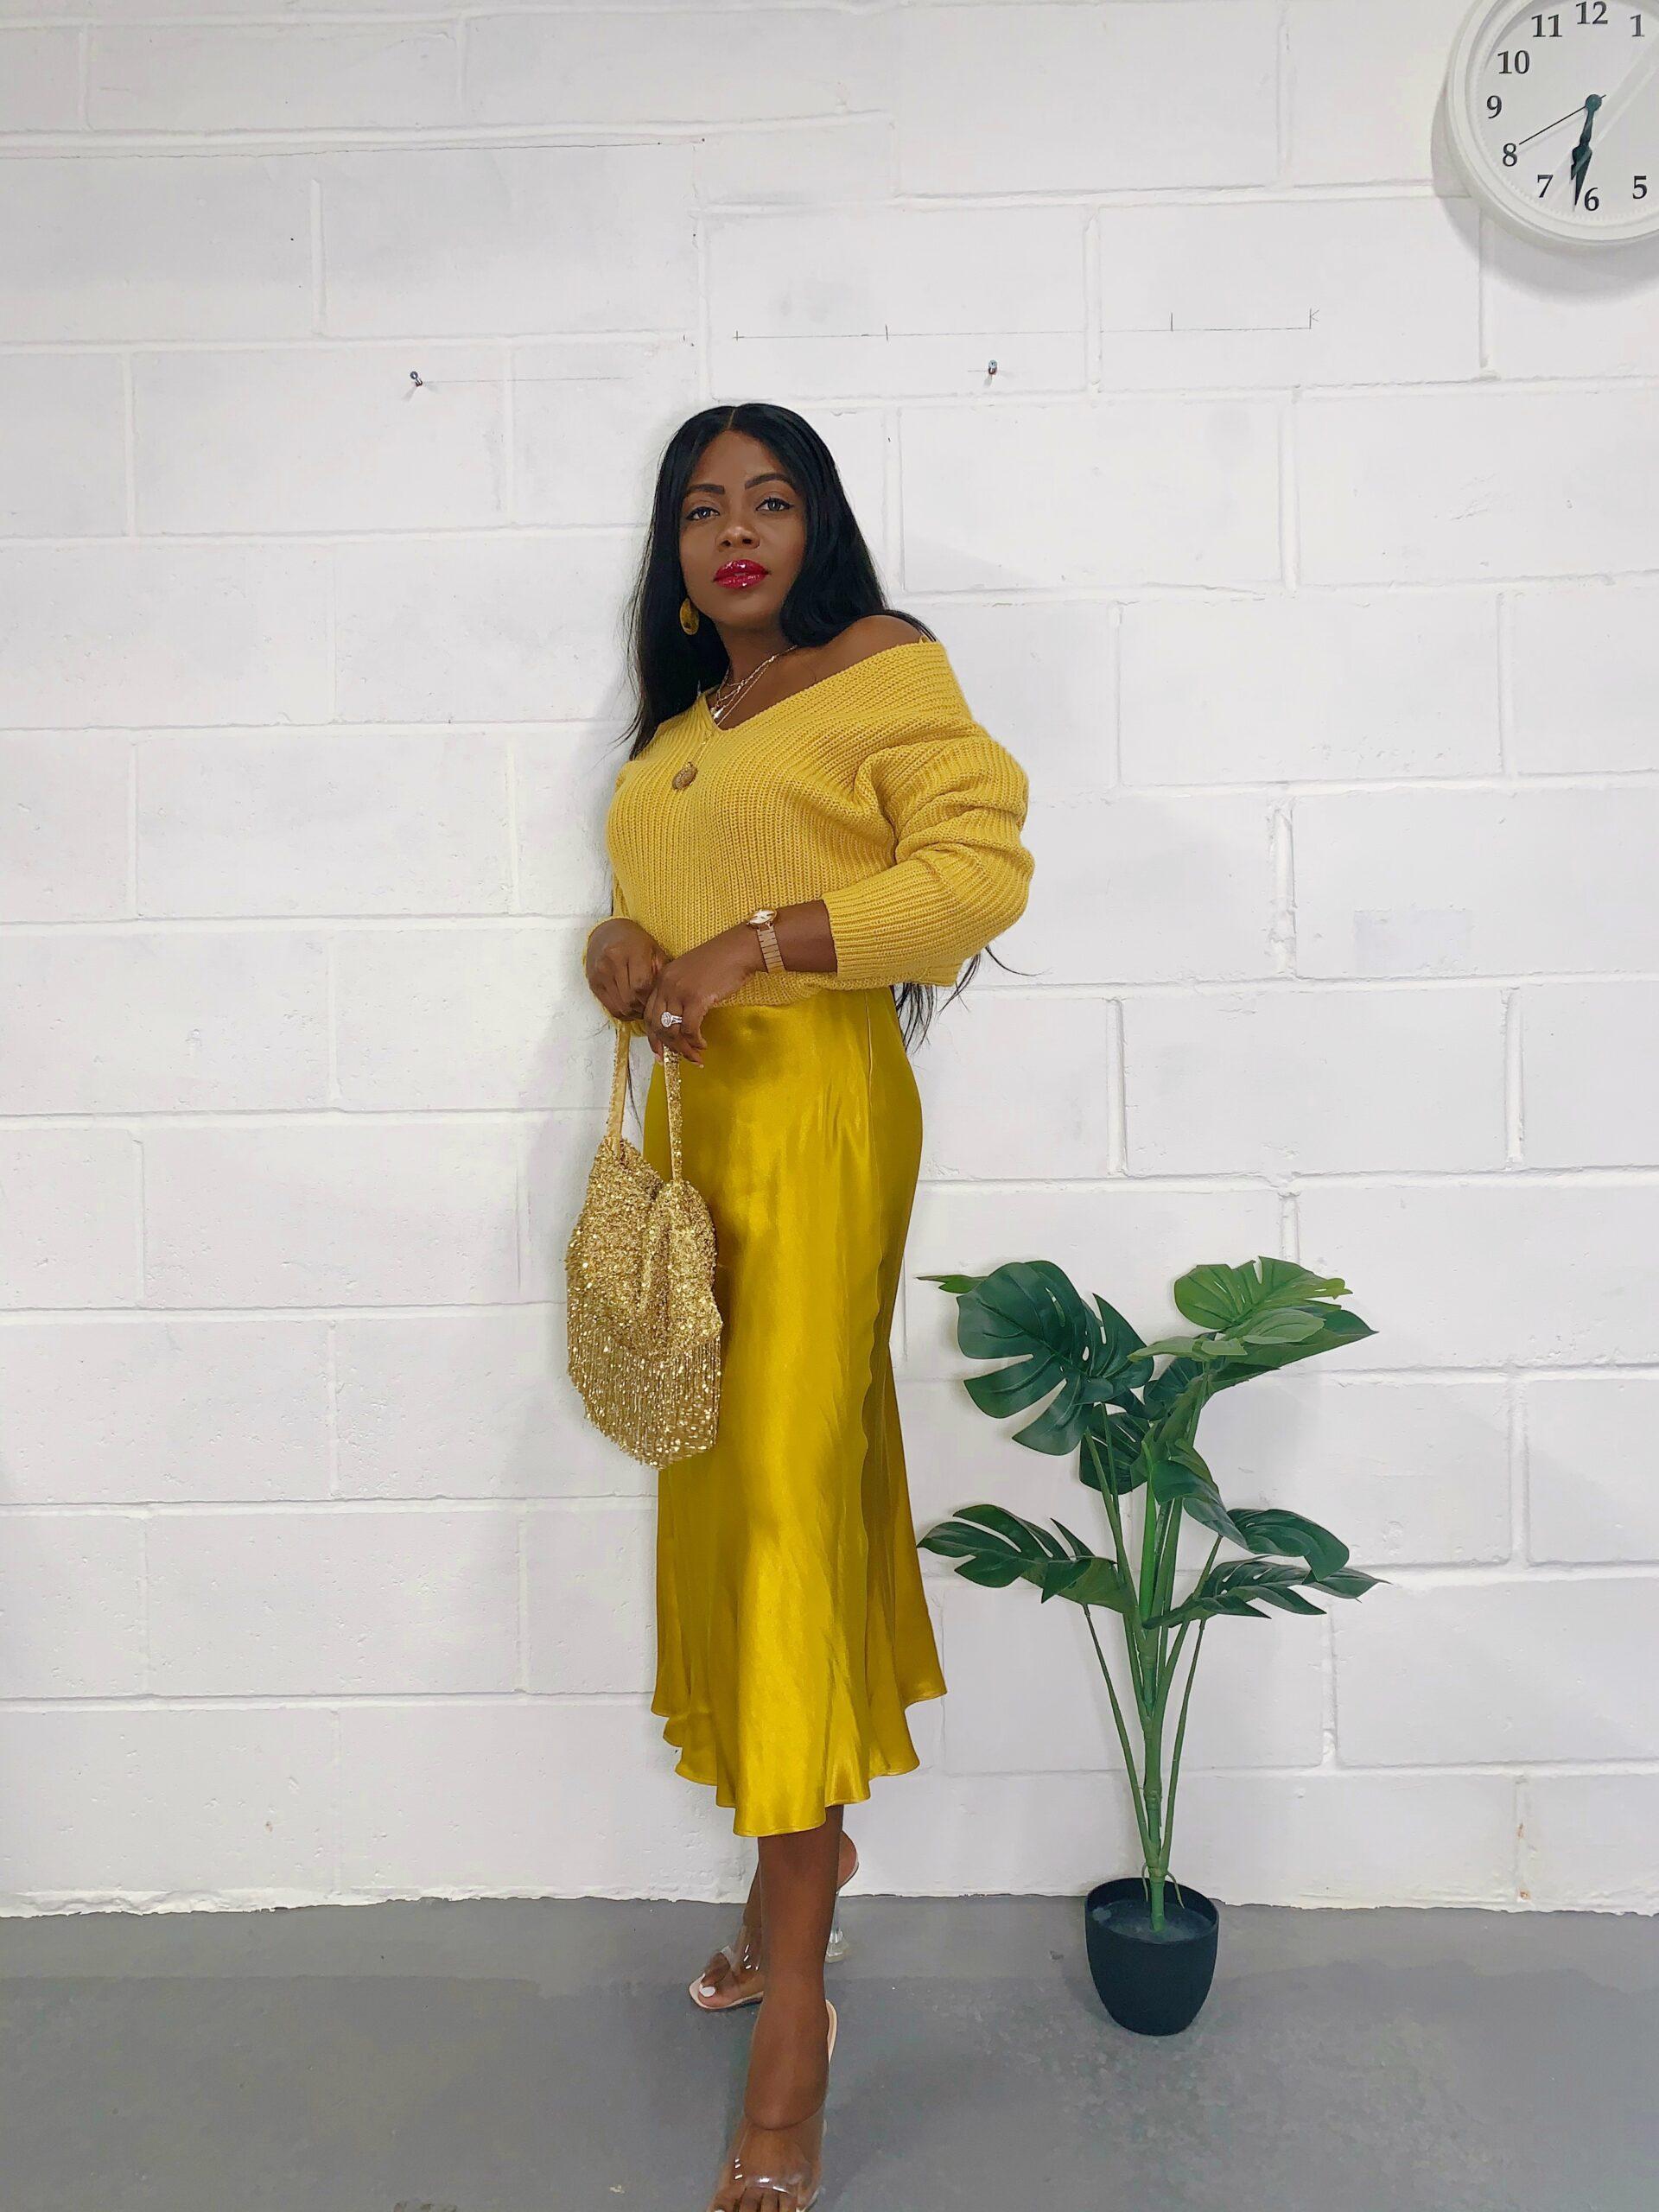 lizolusesan how to style a satin skirt